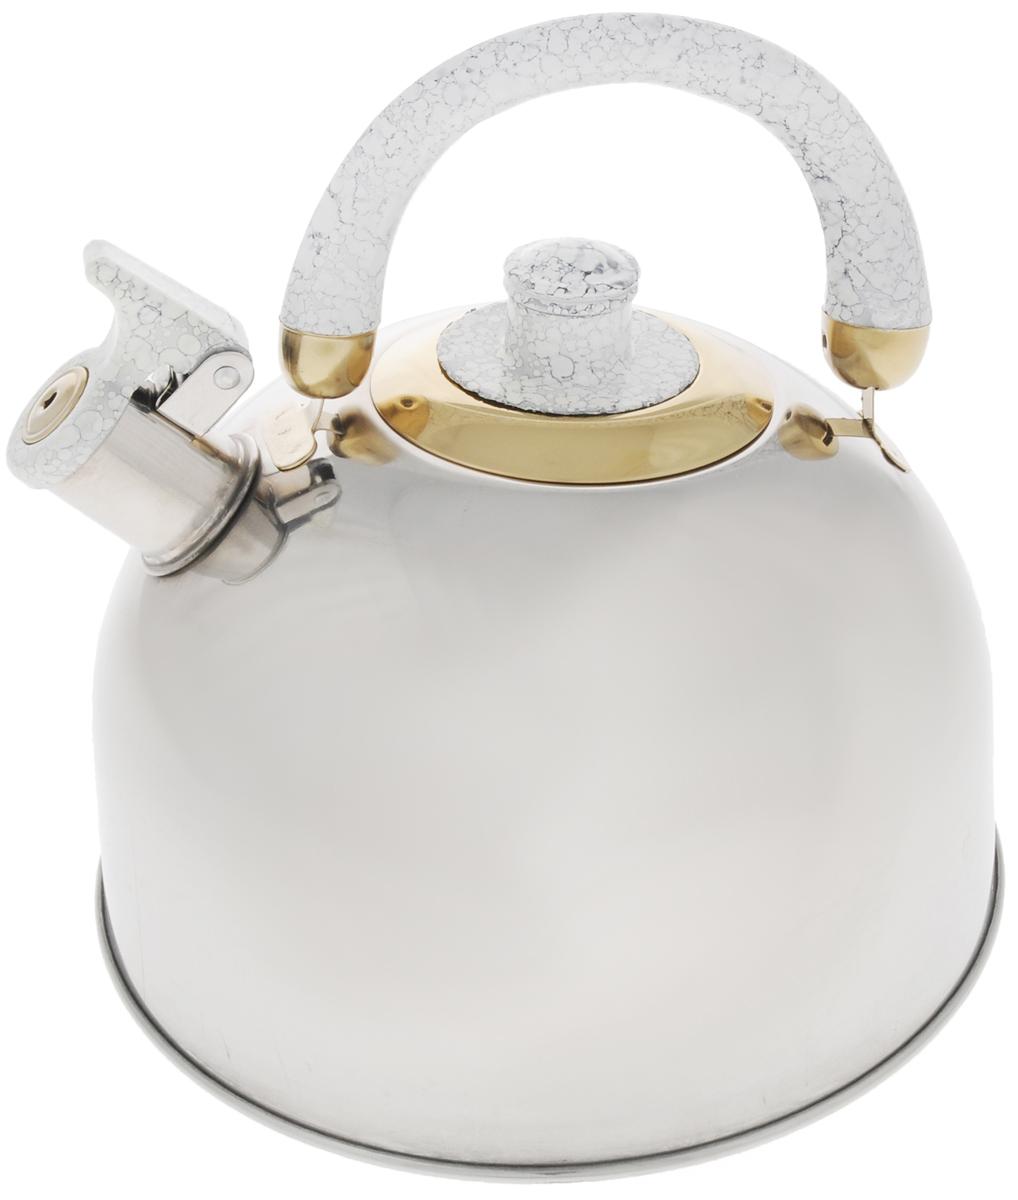 Чайник Mayer & Boch, со свистком, цвет: серый, 3,5 л. 10691069А_серыйЧайник Mayer & Boch изготовлен из высококачественной нержавеющей стали, что делает его весьма гигиеничным и устойчивым к износу при длительном использовании. Утолщенное дно обеспечивает равномерный и быстрый нагрев, поэтому вода закипает гораздо быстрее, чем в обычных чайниках. Чайник оснащен откидным свистком, звуковой сигнал которого подскажет, когда закипит вода. Подвижная ручка из бакелита дает дополнительное удобство при разлитии напитка. Чайник Mayer & Boch идеально впишется в интерьер любой кухни и станет замечательным подарком к любому случаю. Подходит для газовых, стеклокерамических, галогеновых и электрических плит. Не подходит для индукционных. Можно мыть в посудомоечной машине. Высота чайника (без учета ручки и крышки): 13 см. Высота чайника (с учетом ручки и крышки): 21,5 см. Диаметр чайника (по верхнему краю): 8,5 см.